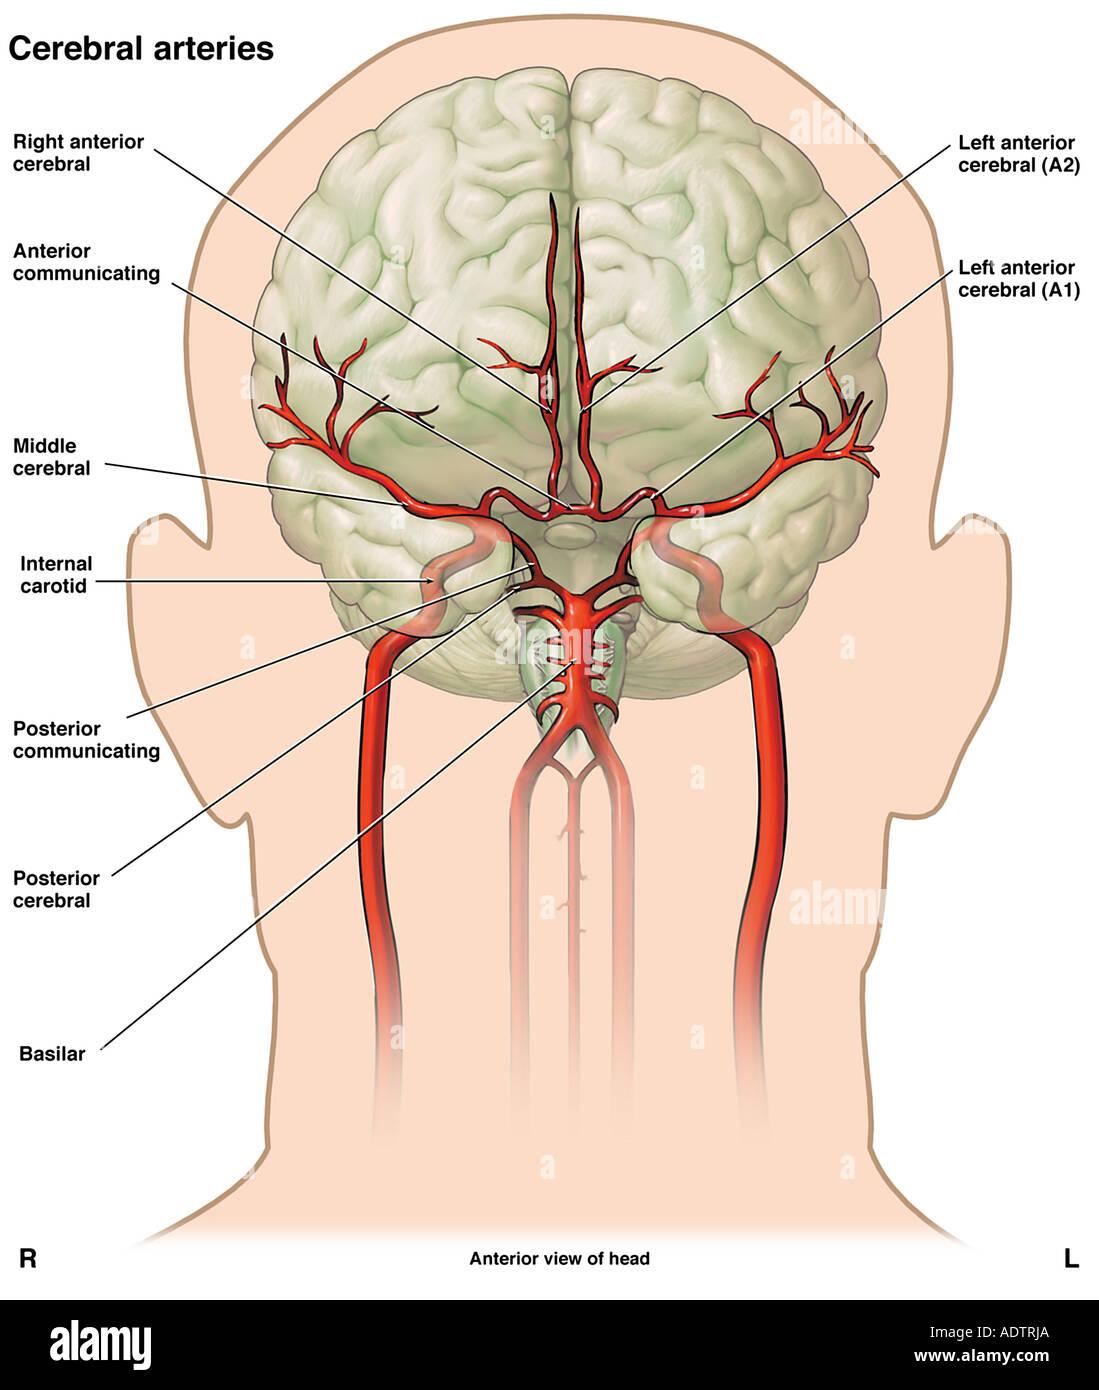 Magnífico Vasculatura Cerebral Anatomía Bosquejo - Imágenes de ...